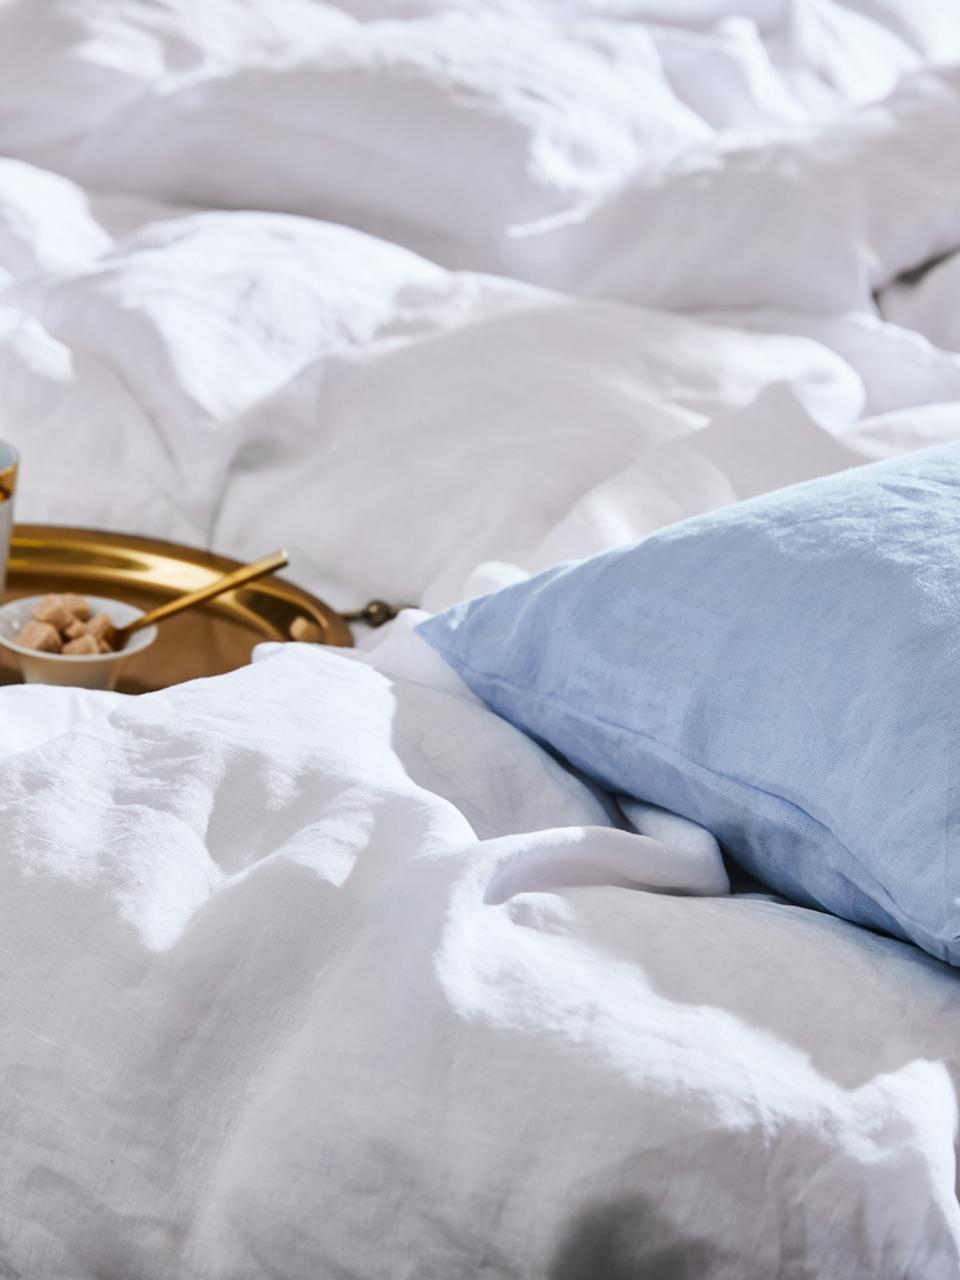 Gewaschene Leinen-Bettwäsche Nature in Weiß, Halbleinen (52% Leinen, 48% Baumwolle)  Fadendichte 108 TC, Standard Qualität  Halbleinen hat von Natur aus einen kernigen Griff und einen natürlichen Knitterlook, der durch den Stonewash-Effekt verstärkt wird. Es absorbiert bis zu 35% Luftfeuchtigkeit, trocknet sehr schnell und wirkt in Sommernächten angenehm kühlend. Die hohe Reißfestigkeit macht Halbleinen scheuerfest und strapazierfähig., Weiß, 135 x 200 cm + 1 Kissen 80 x 80 cm